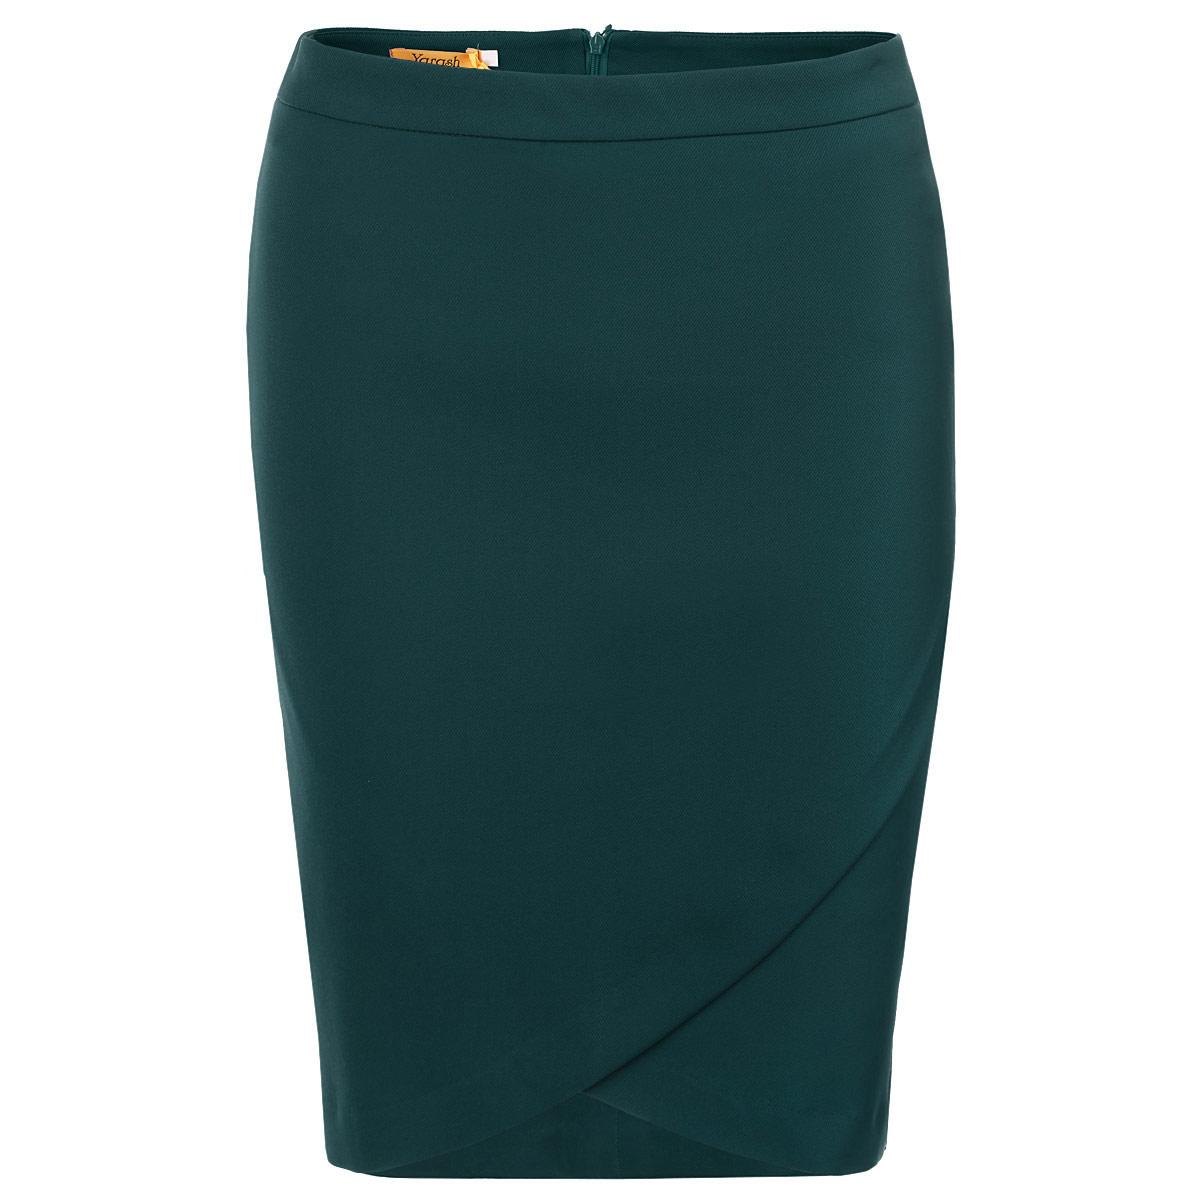 Юбка. 1501551/15005511500551Модная юбка-карандаш Yarash, изготовленная из высококачественного плотного материала на подкладке из полиэстера, подарит ощущение радости и комфорта. Модель с запахом на нешироком поясе, сзади застегивается на потайную молнию. Актуальная длина и классический покрой сделают эту вещь любимым предметом вашего гардероба. В этой юбке вы будете чувствовать себя неотразимой, оставаясь в центре внимания.